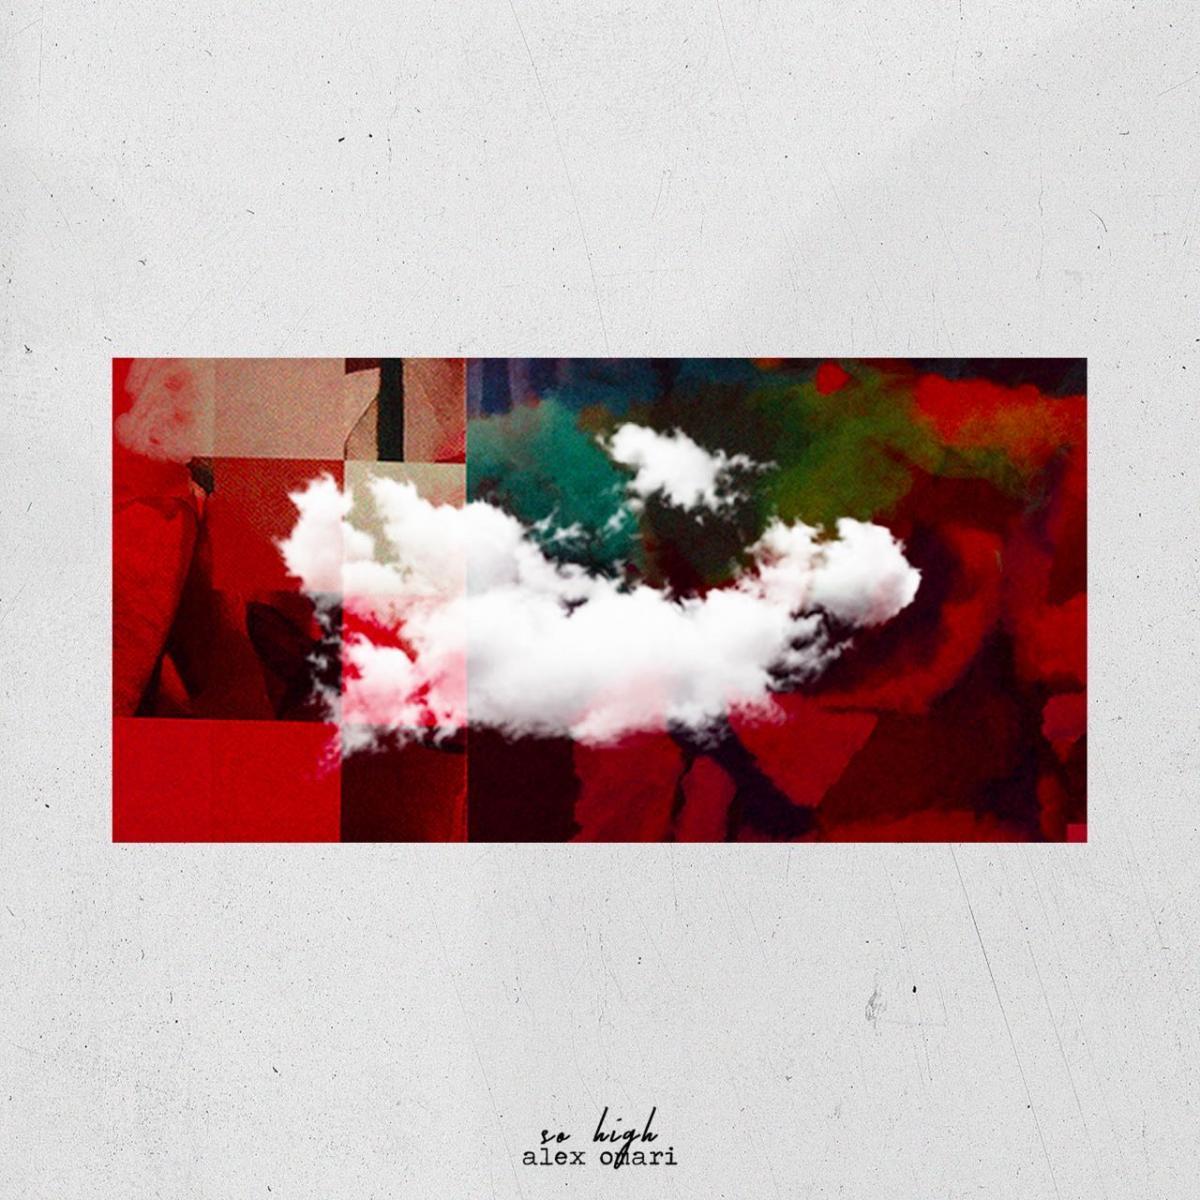 Upcoming: Alex Omari - So High